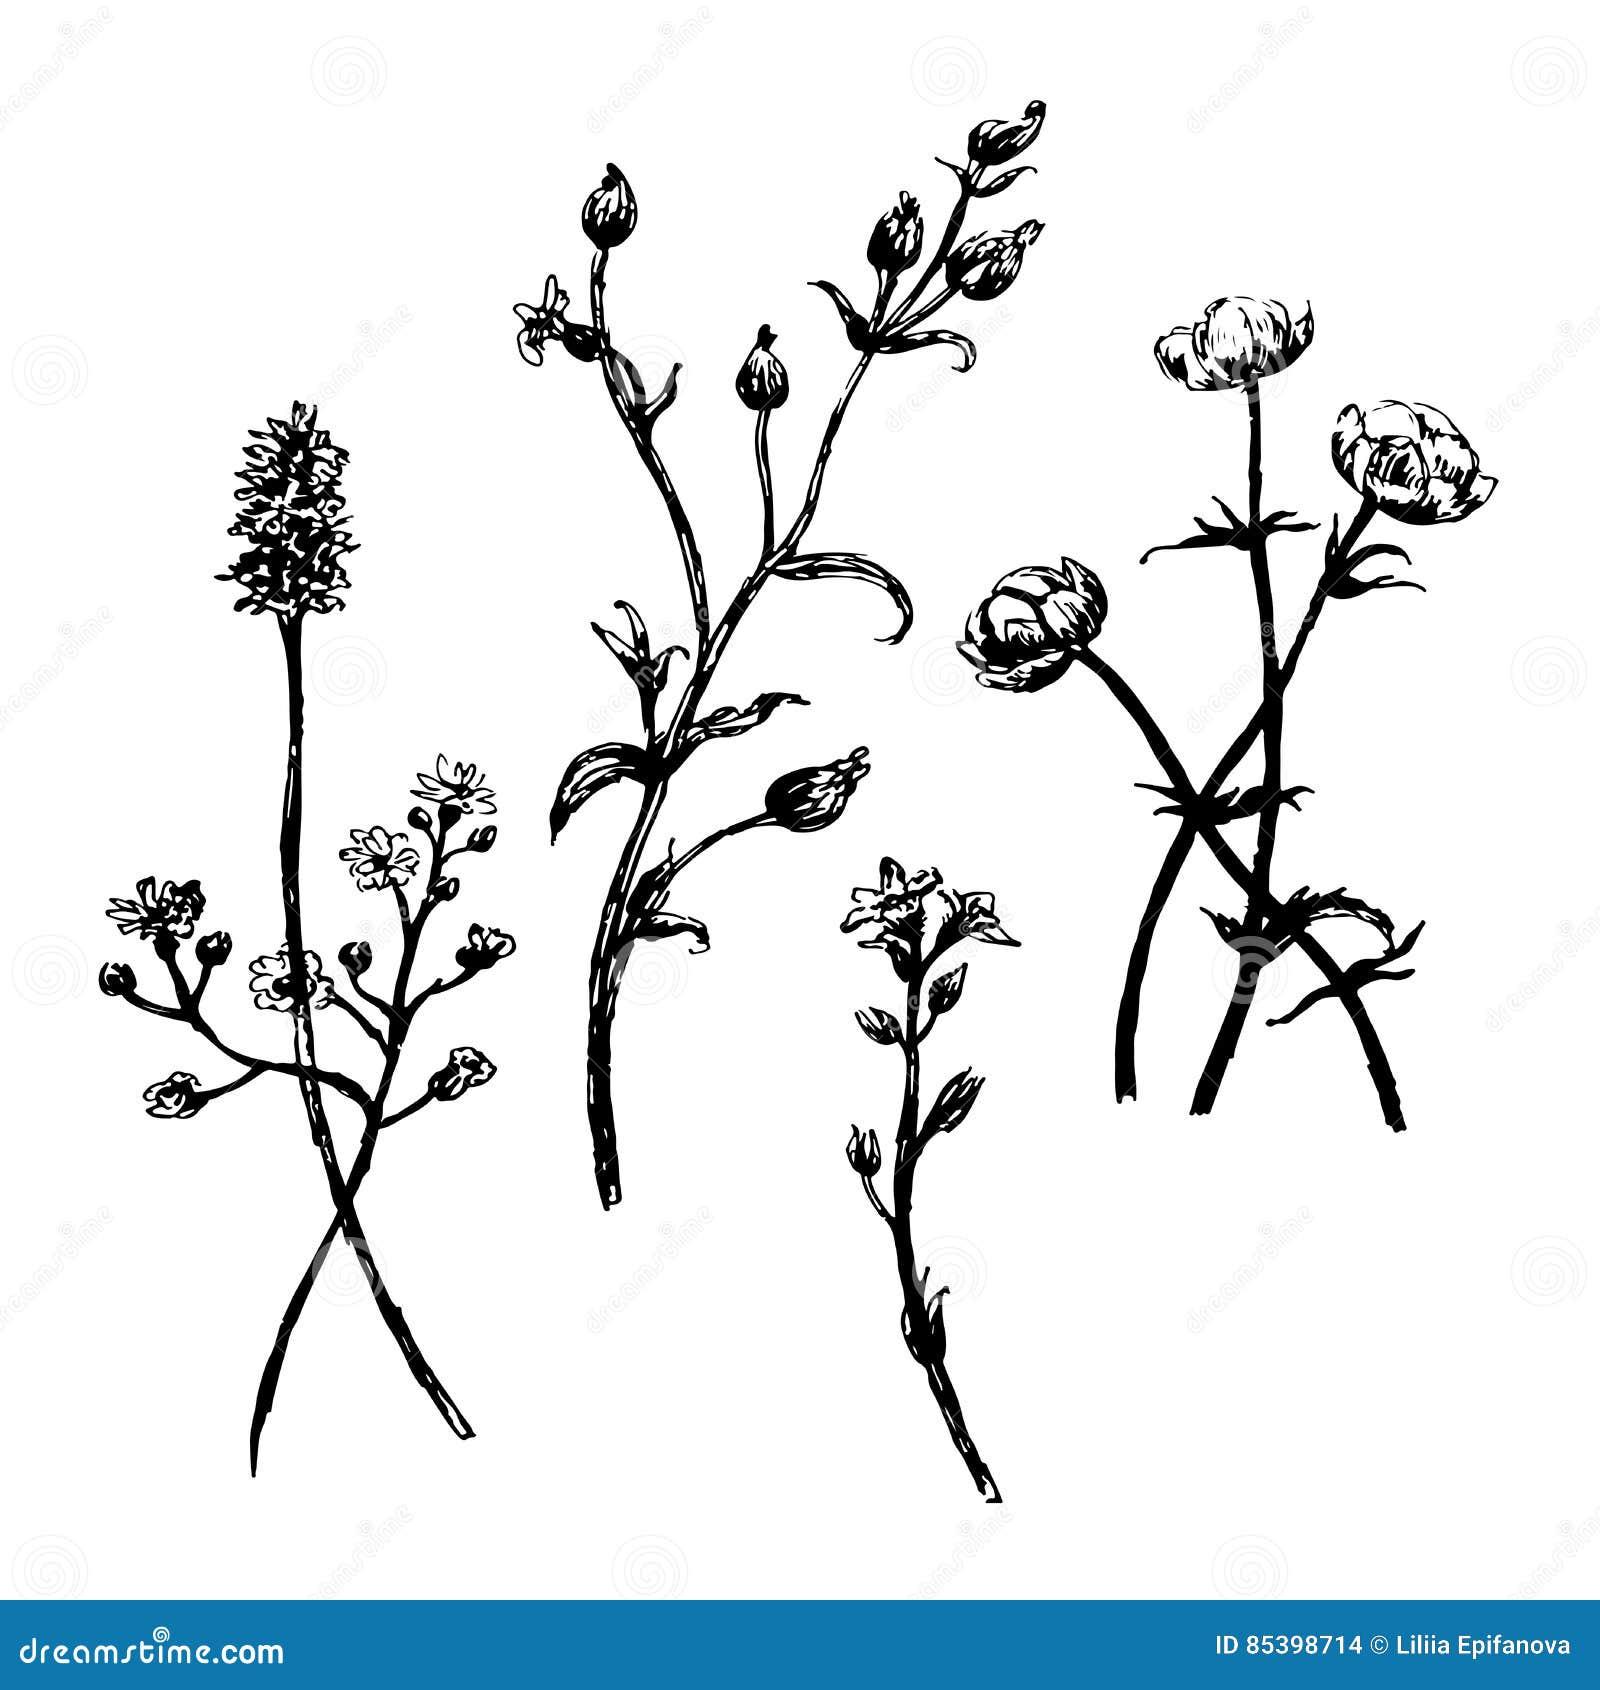 Dra den fastställda samlingen av lösa blommor skissa handen drog illustrationen